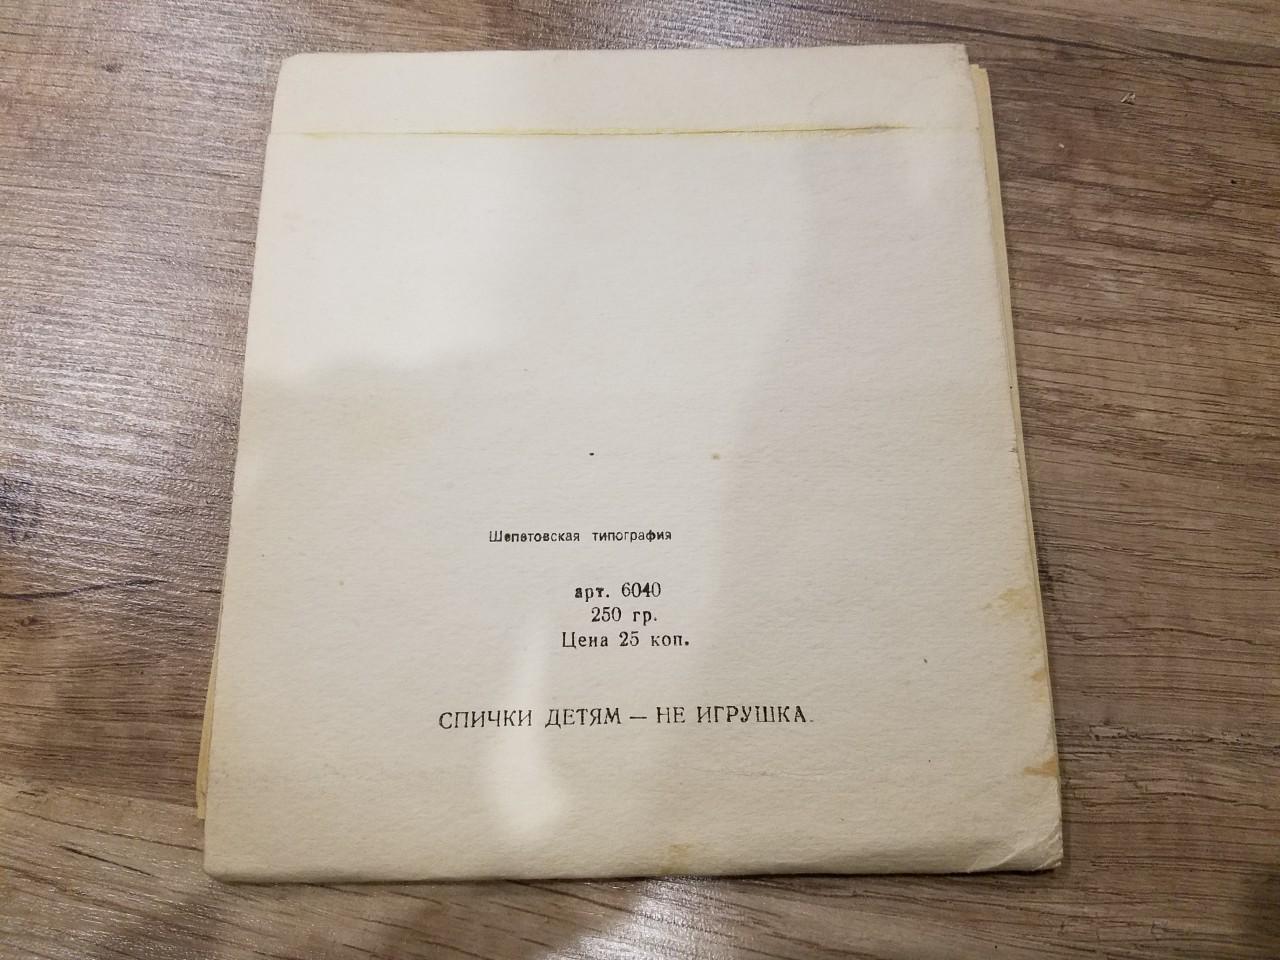 Нізащо не здогадаєтесь, що випускала Шепетівська типографія